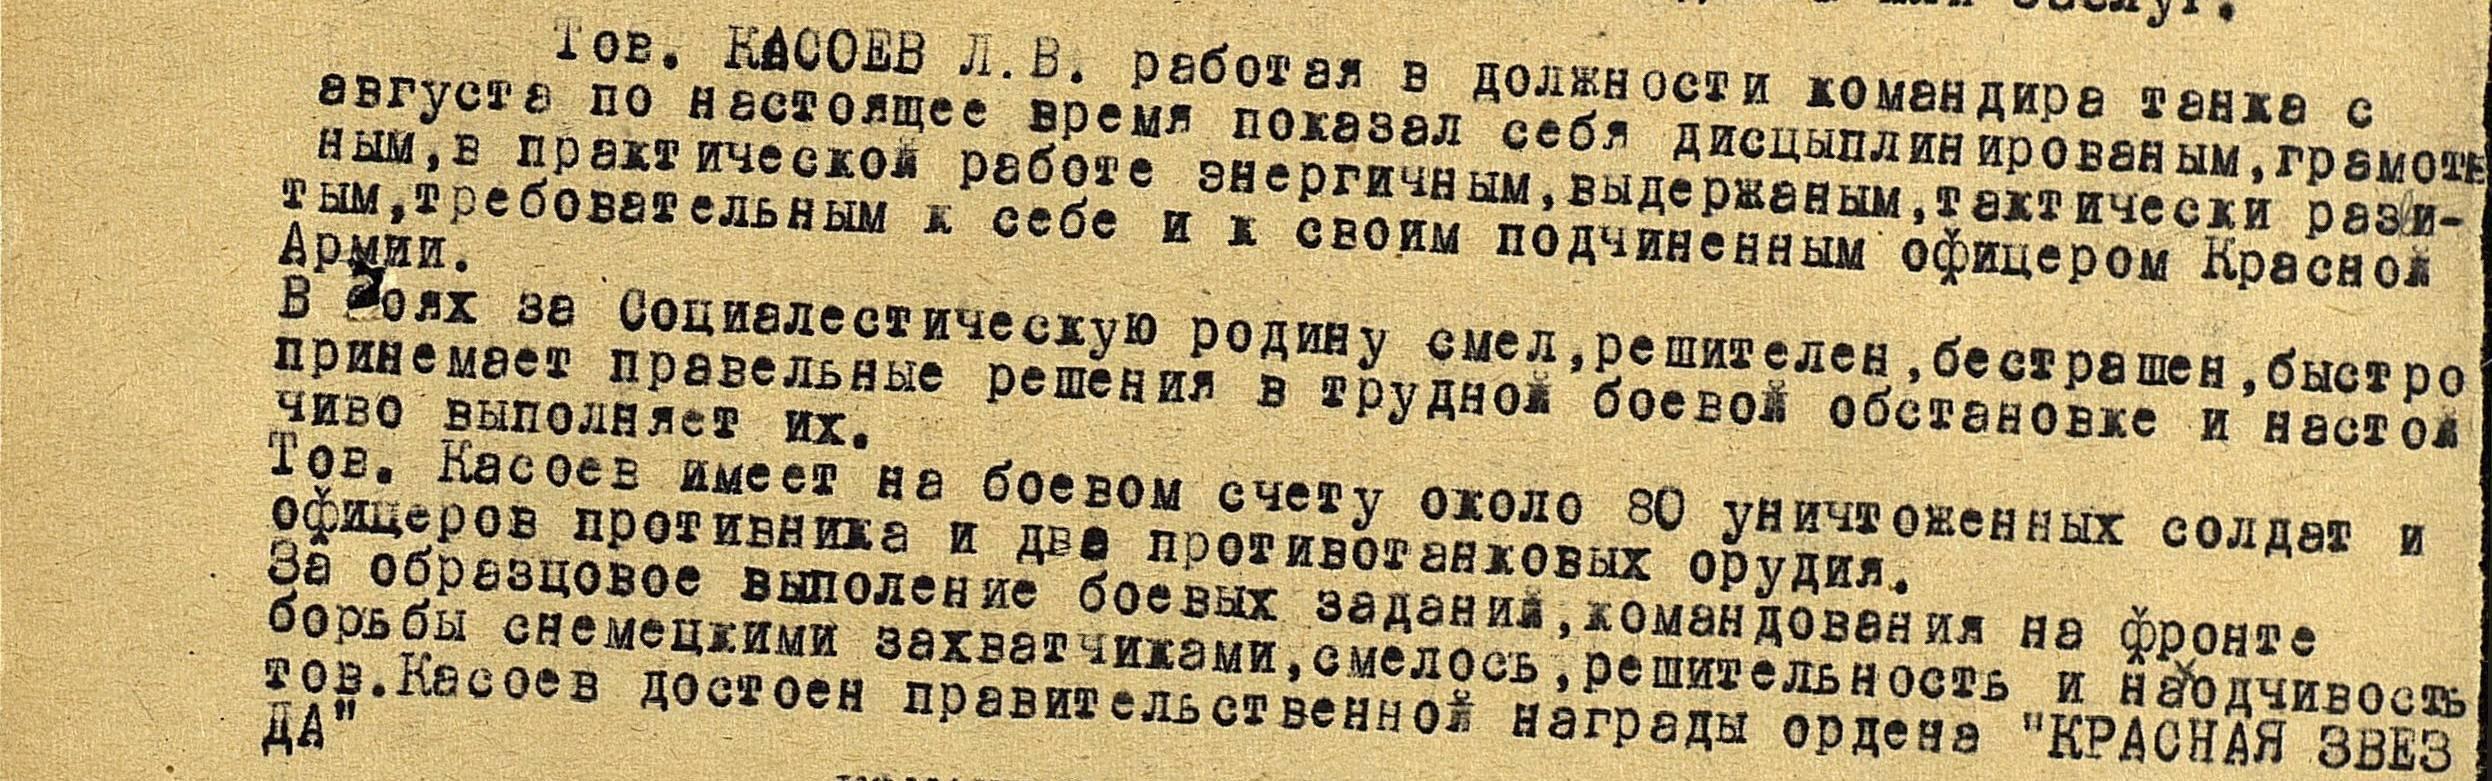 Архивные документы. Приказ о награждении Леонид Касоева